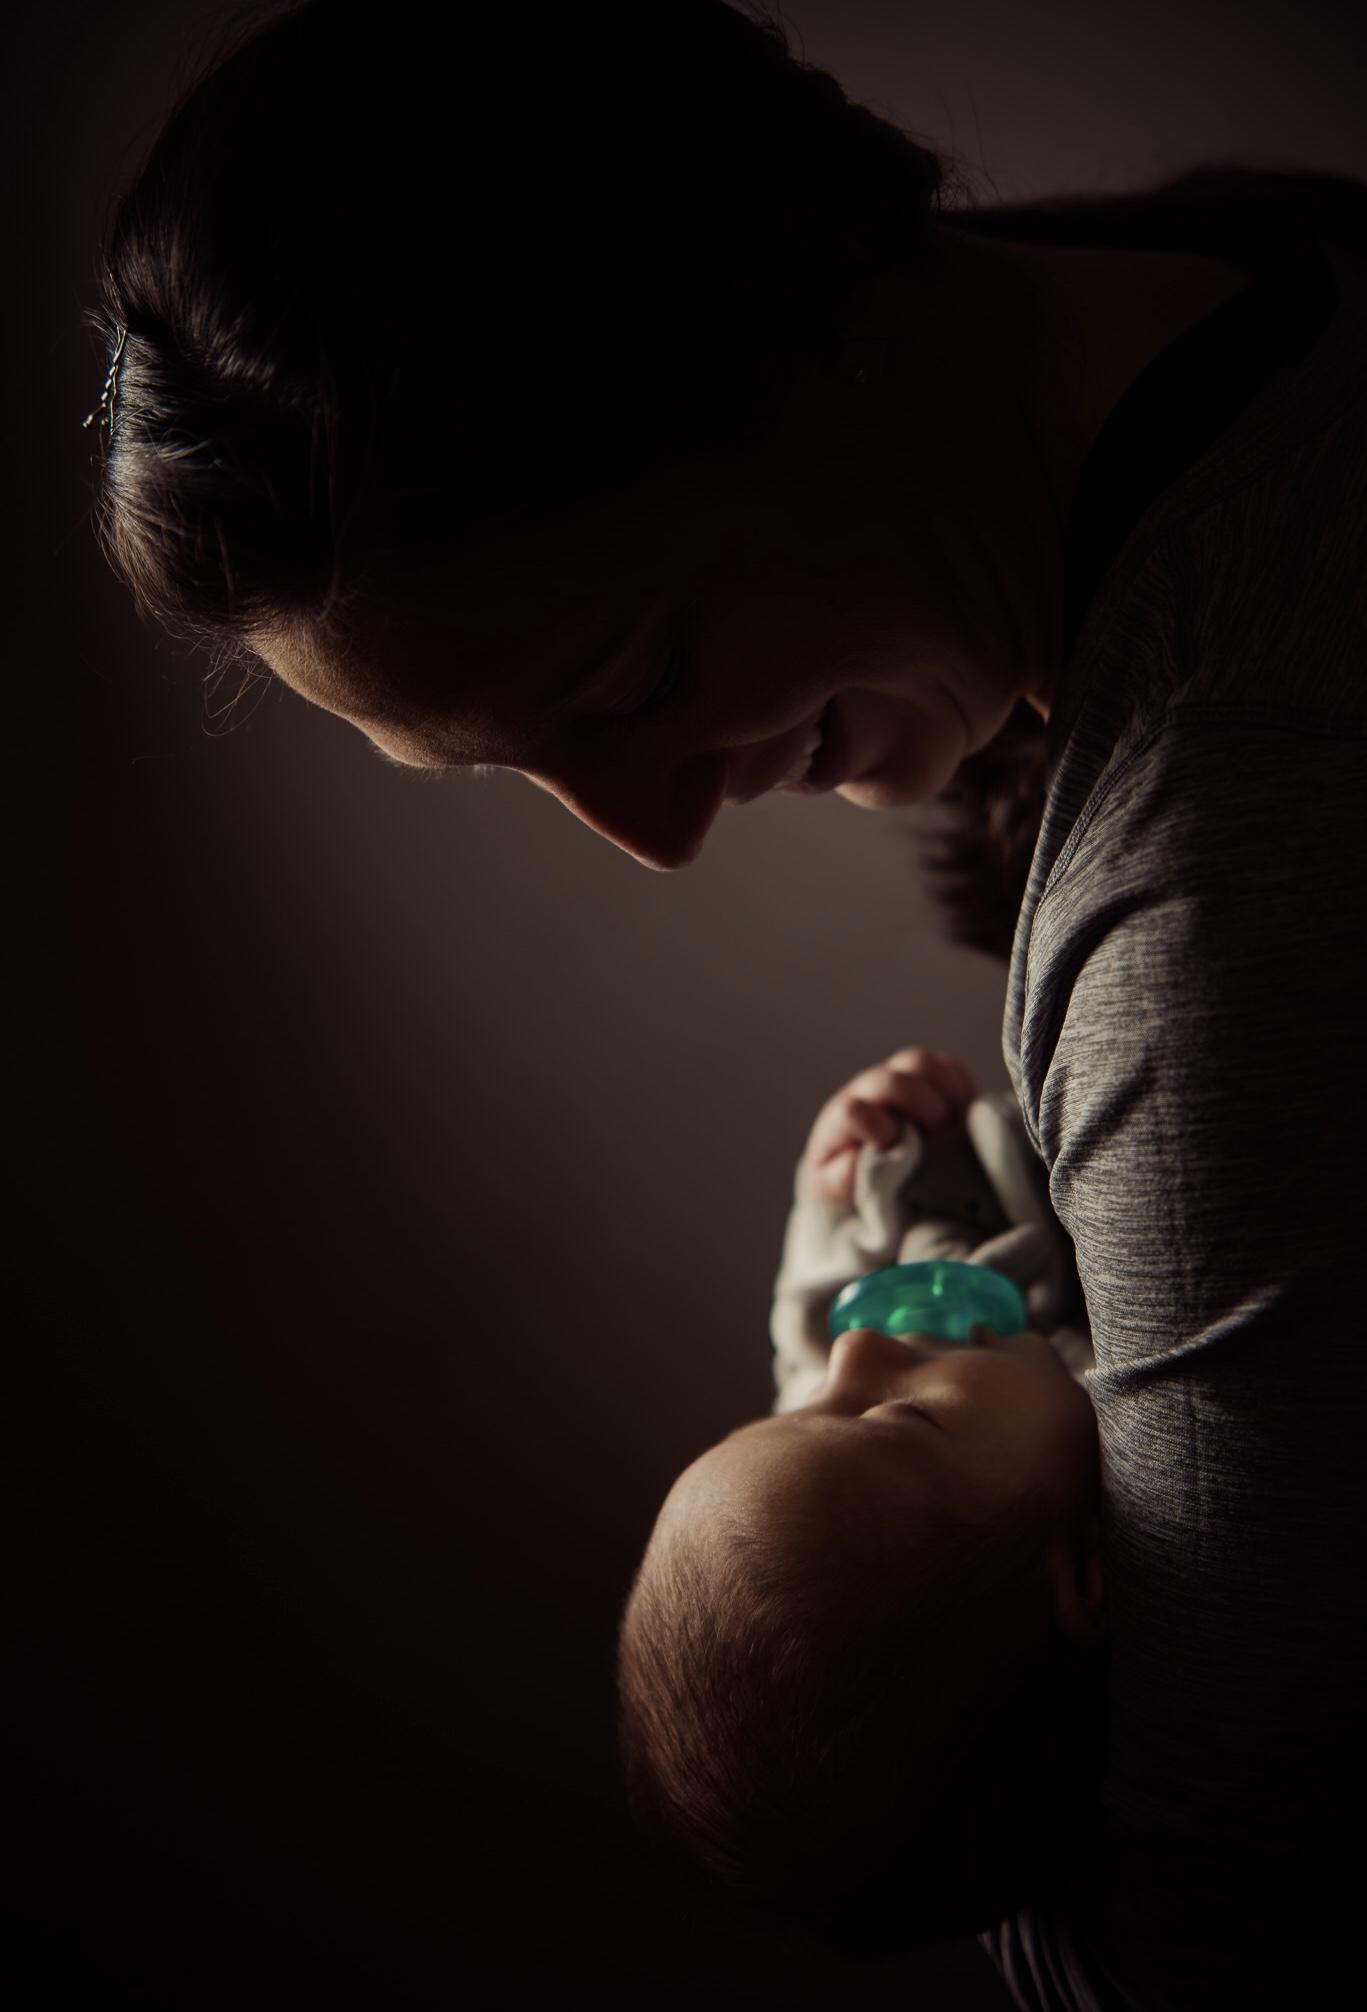 关于-目前提供:产后康复虚拟课程和私人咨询,涉及母亲从孕前到产后的各个阶段的健身、营养、心态和联系。